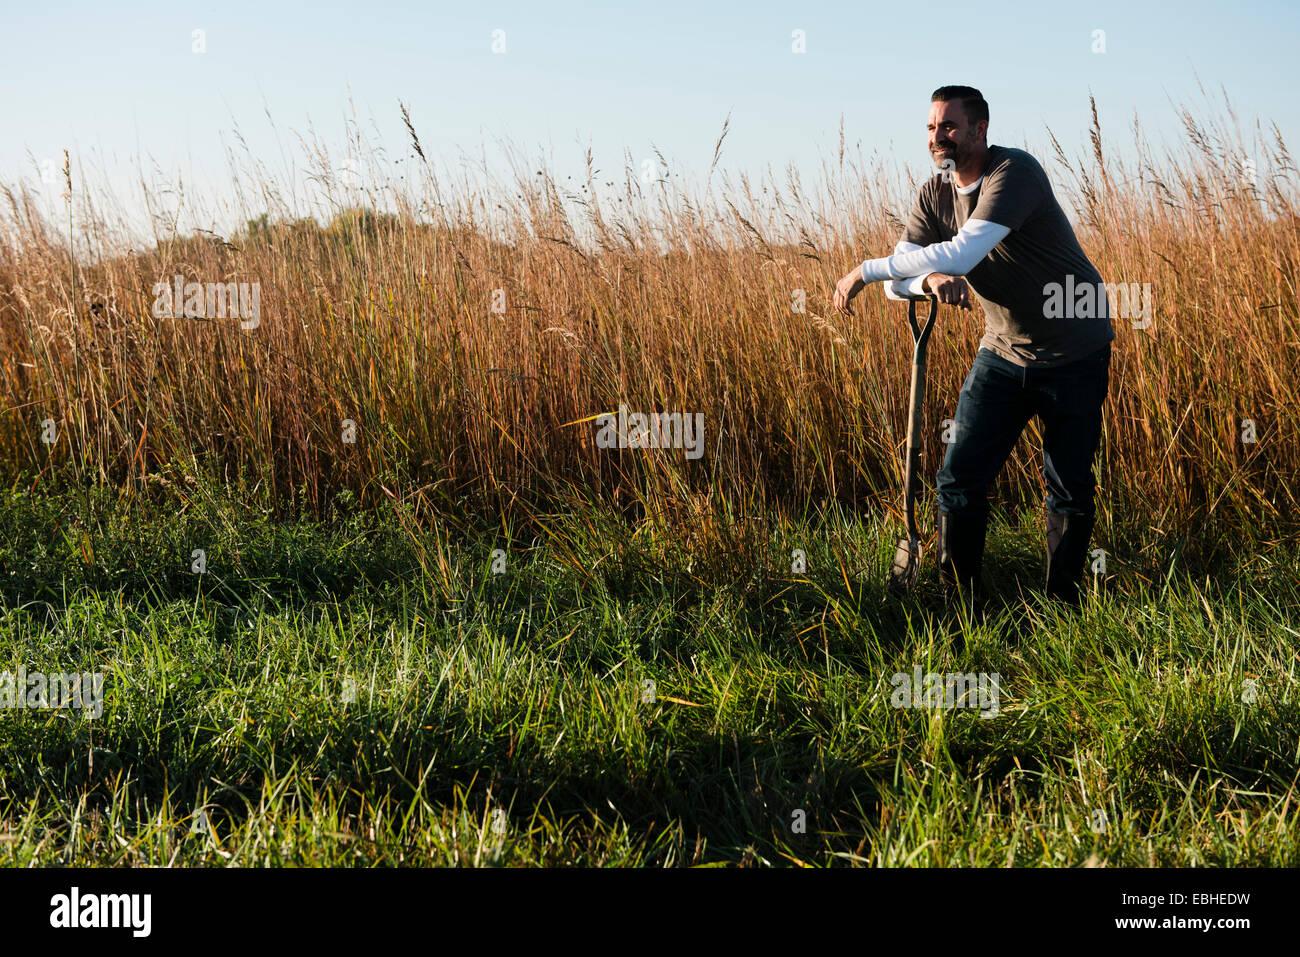 Porträt von Mitte erwachsenen männlichen Bauern stützte sich auf Spaten im Feld, Plattsburg, Missouri, Stockbild